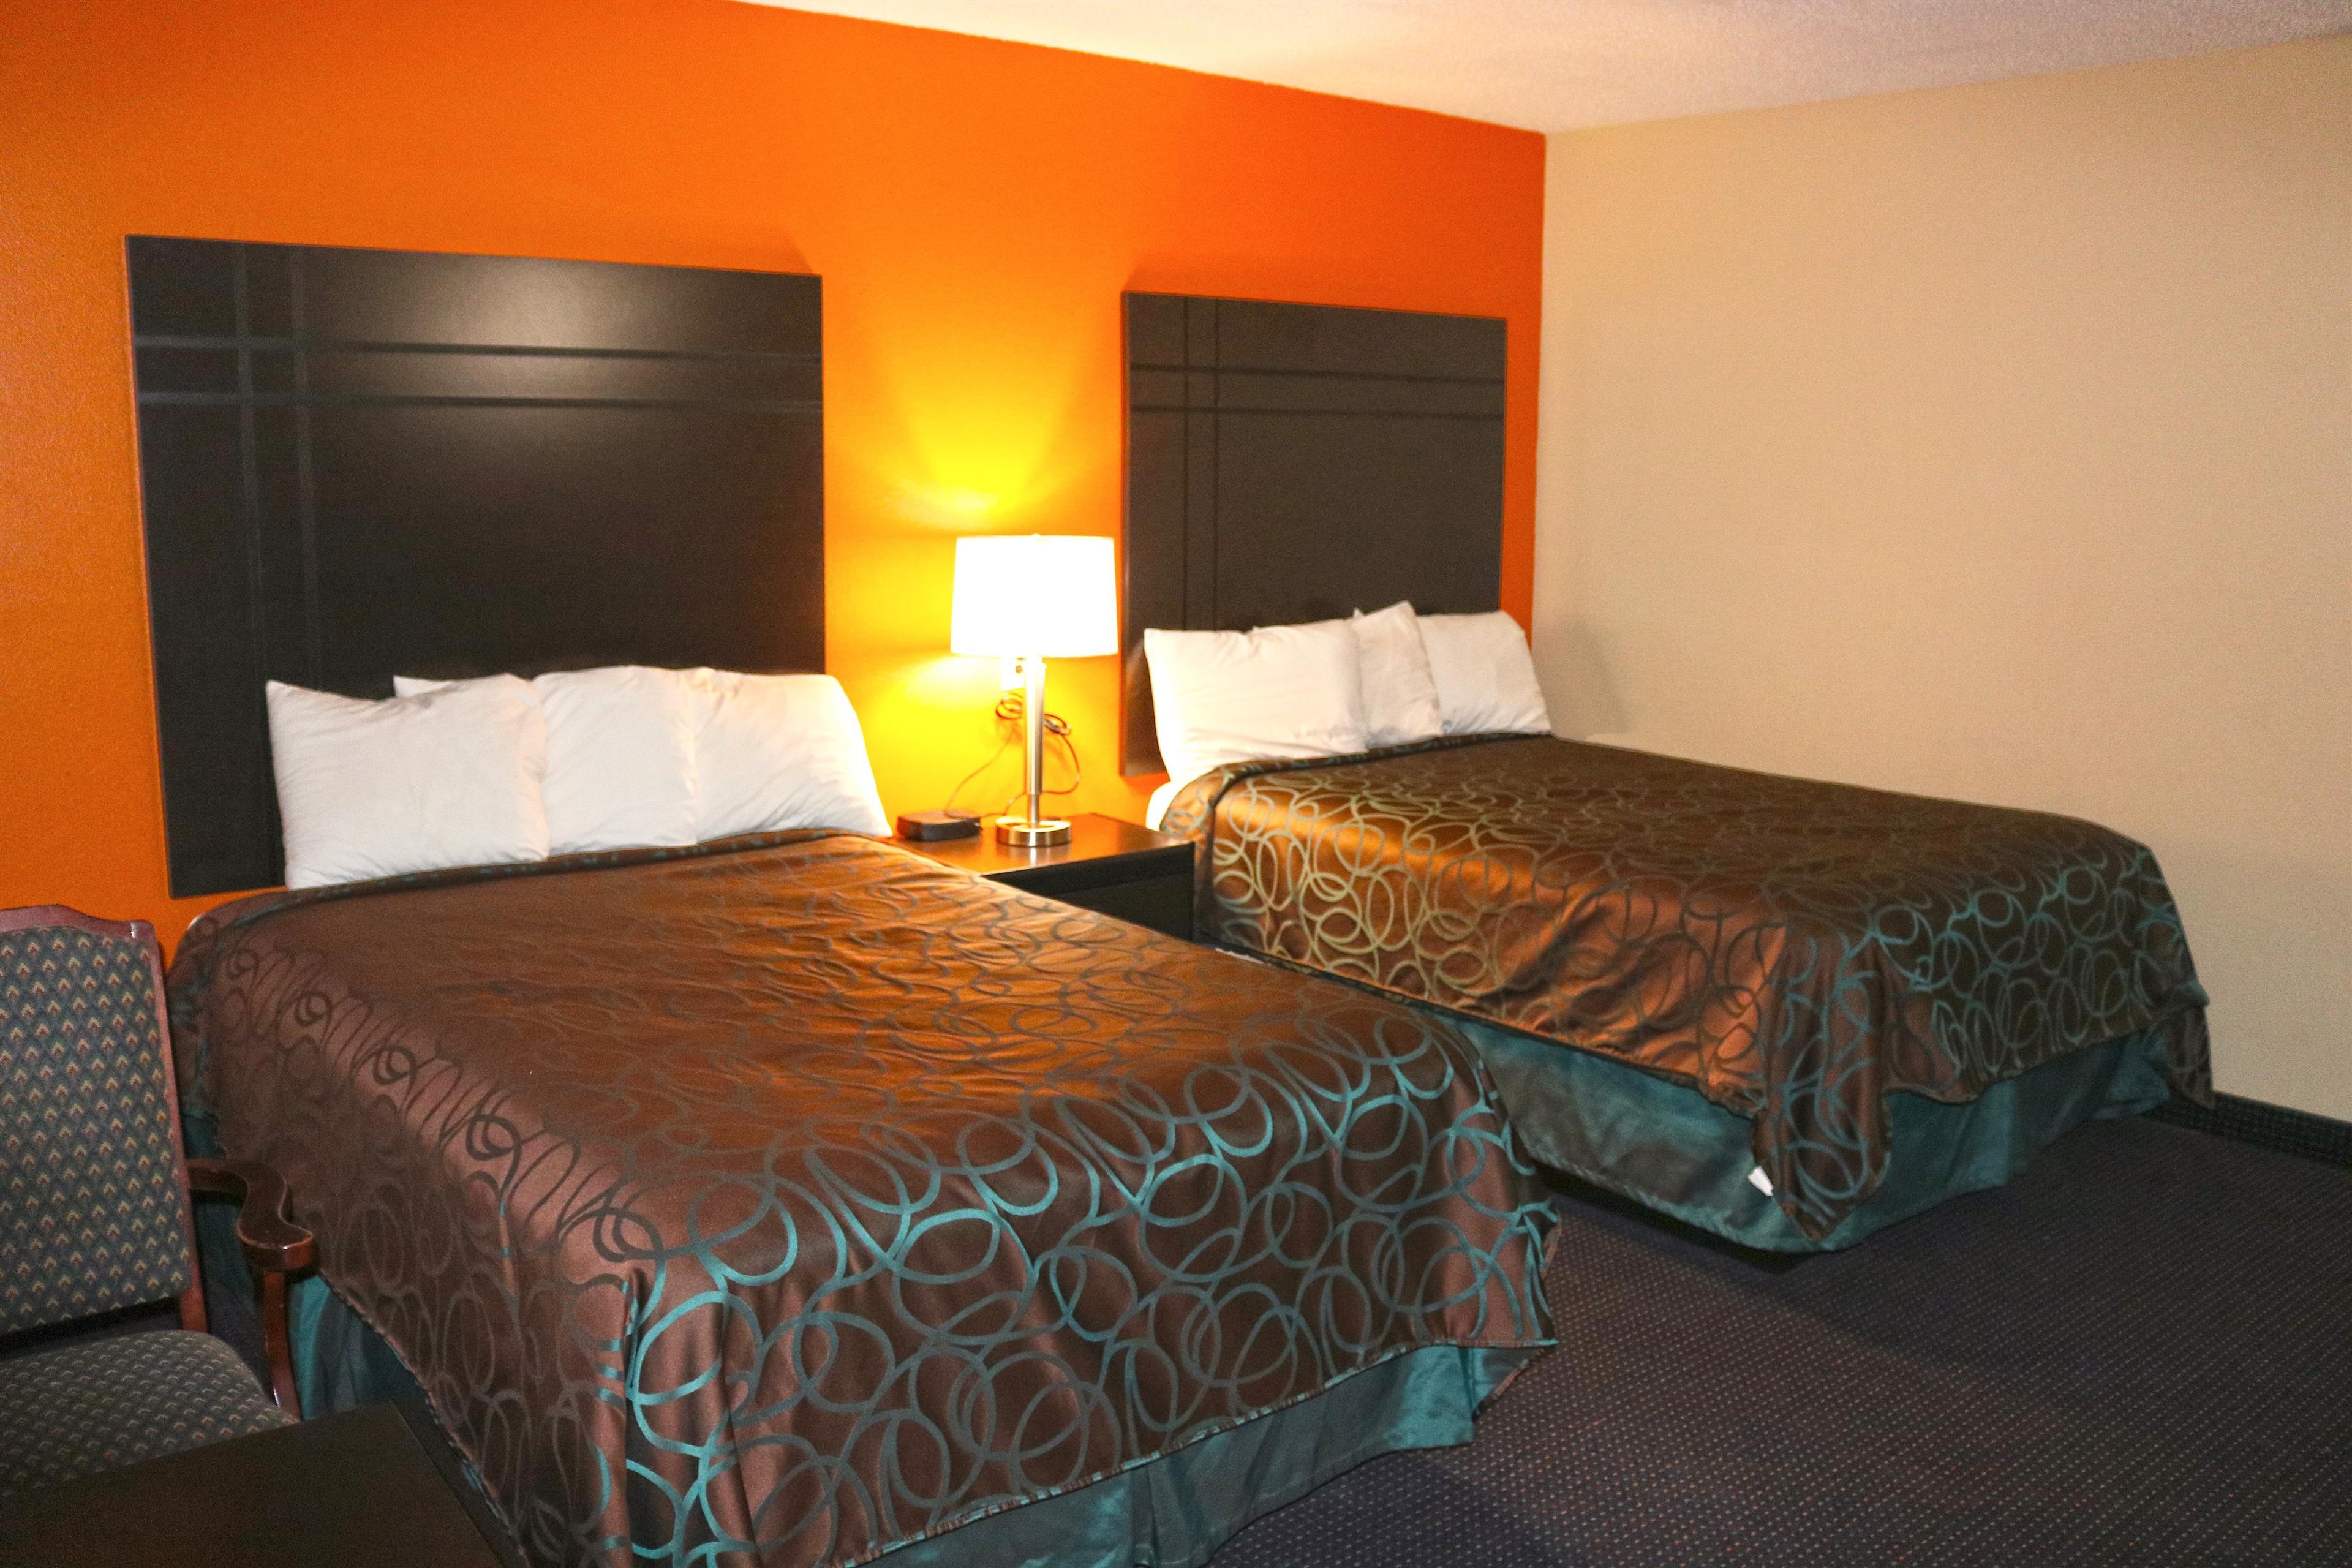 Americas Best Value Inn - Giddings image 5